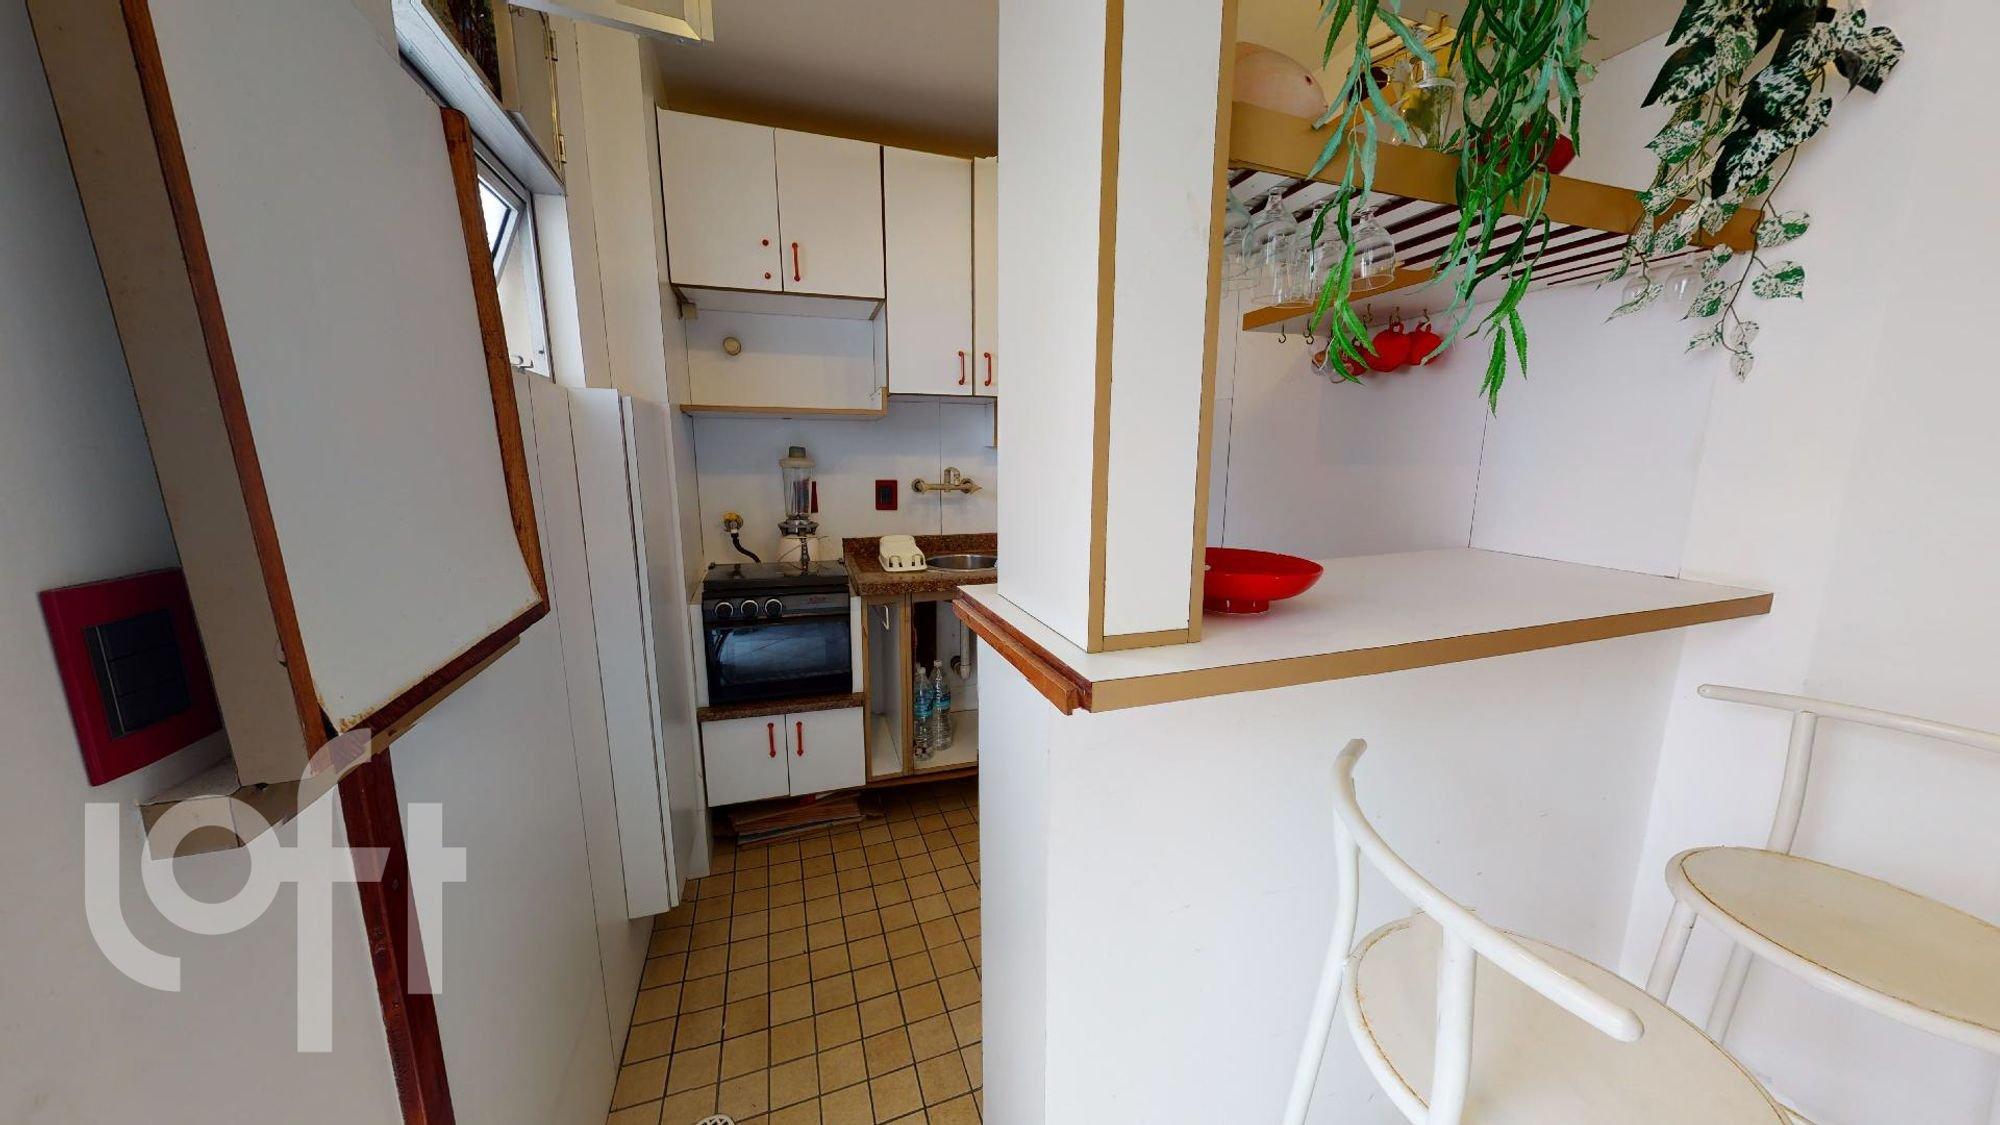 Foto de Cozinha com vaso de planta, forno, tigela, cadeira